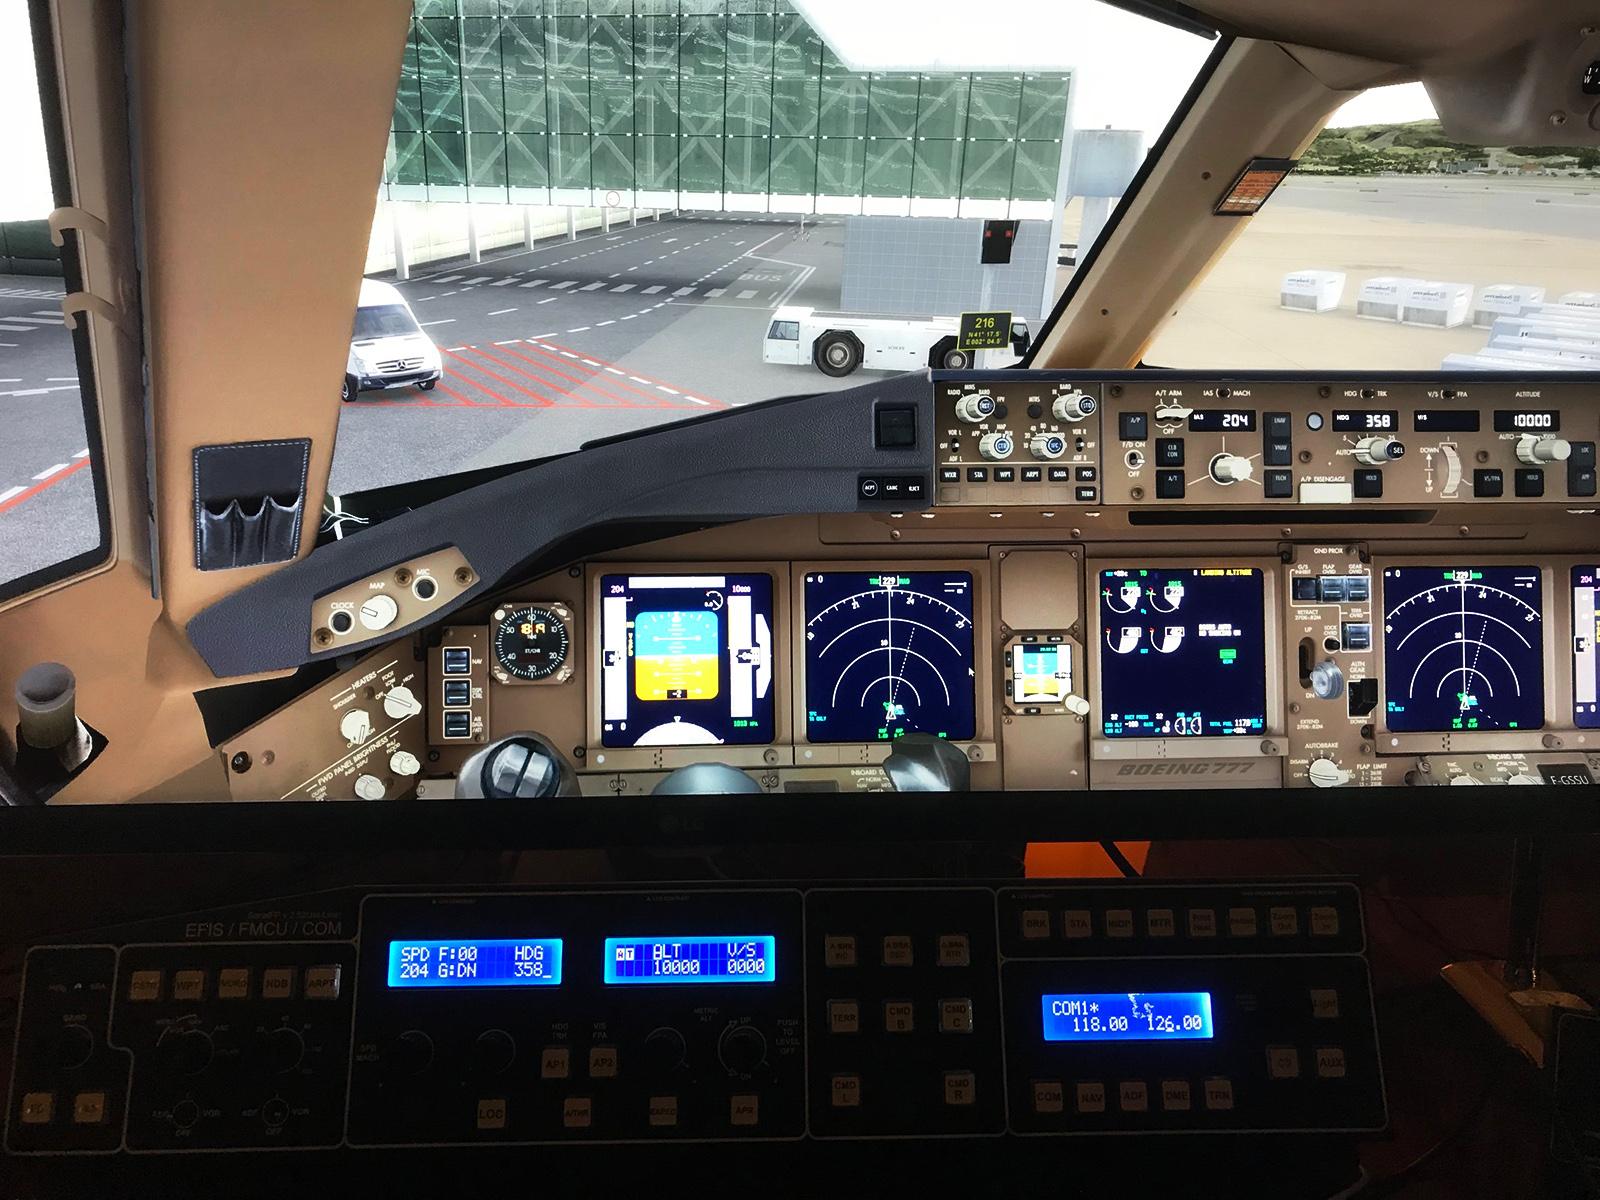 Pilote-Virtuel com - Forum de simulation aérienne / [Réel][X-Plane